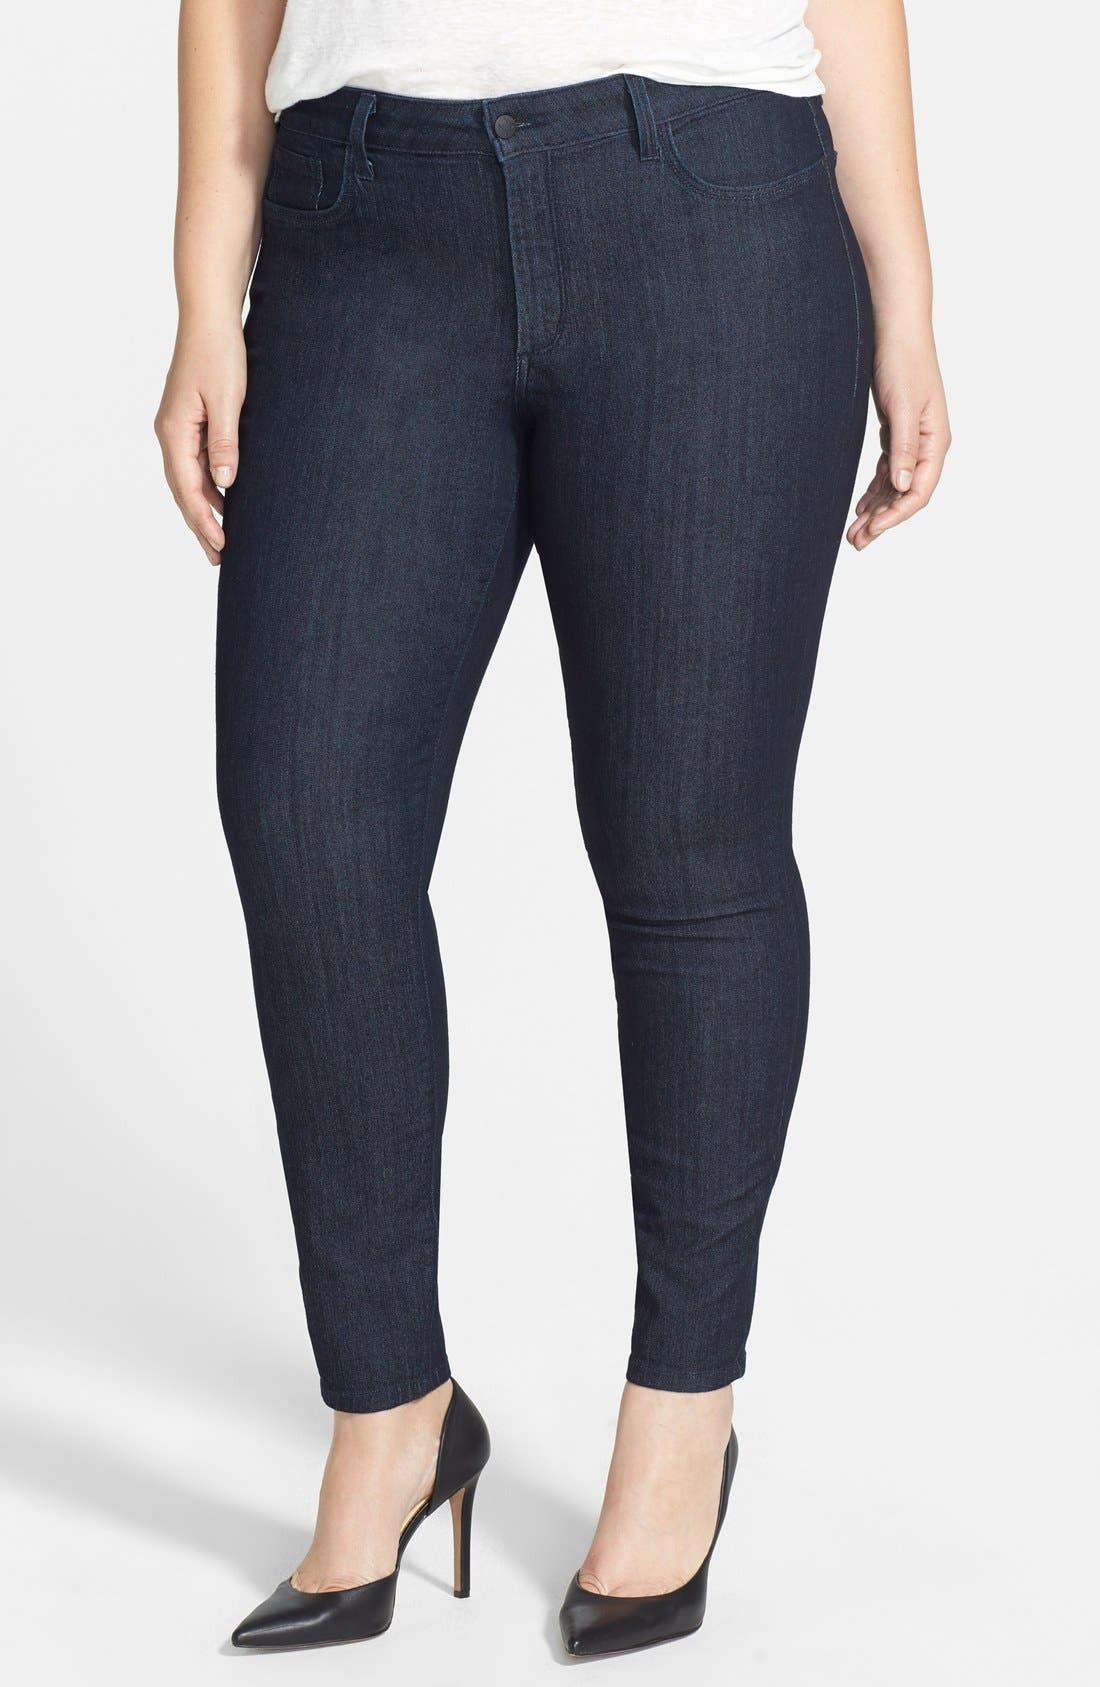 Alternate Image 1 Selected - NYDJ 'Ami' Tonal Stitch Stretch Skinny Jeans (Dark Enzyme) (Plus Size)